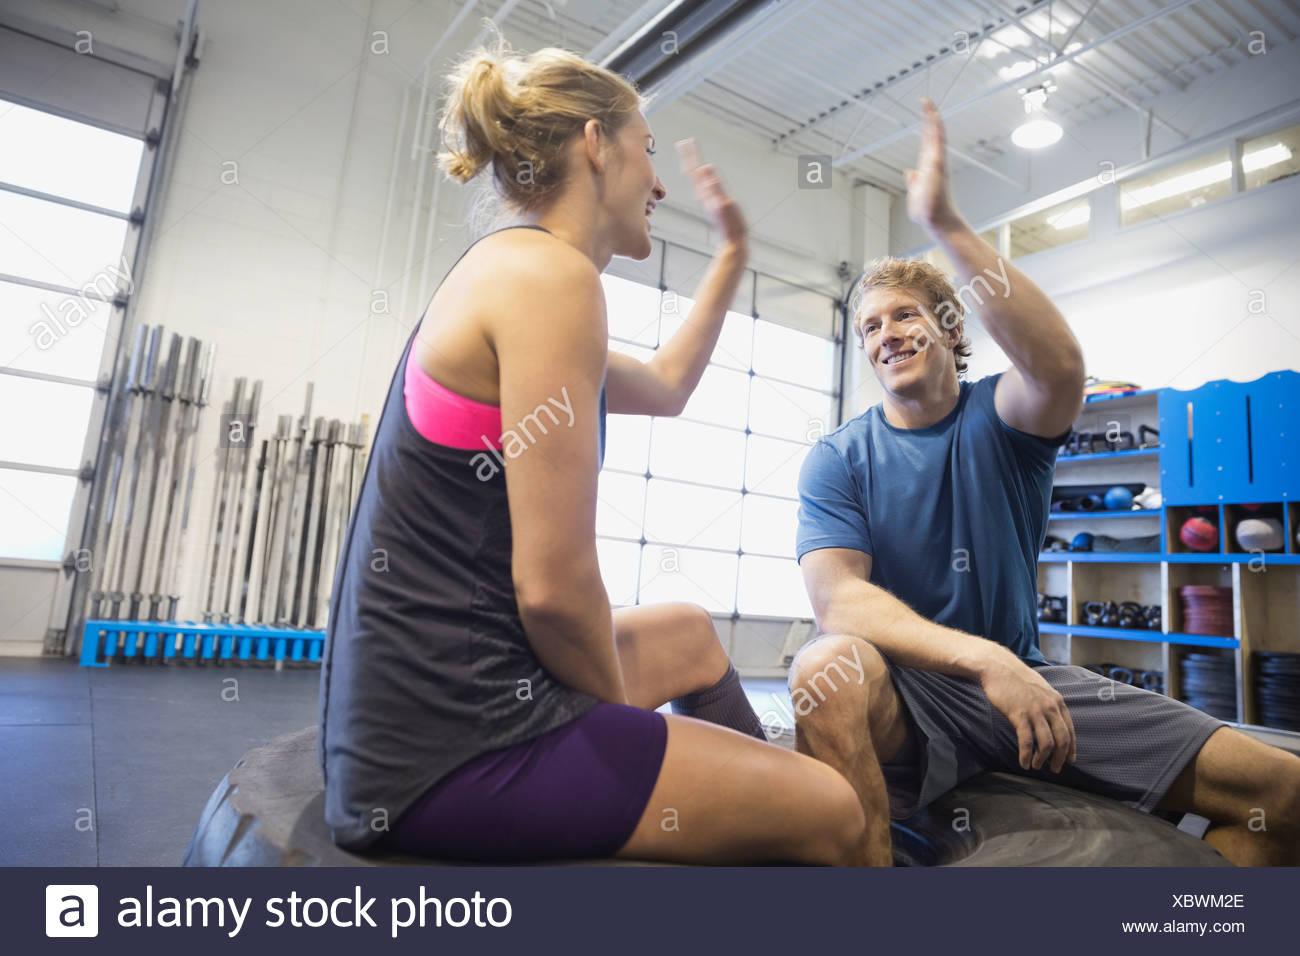 Sportler geben hohe fünf in Turnhalle Stockbild